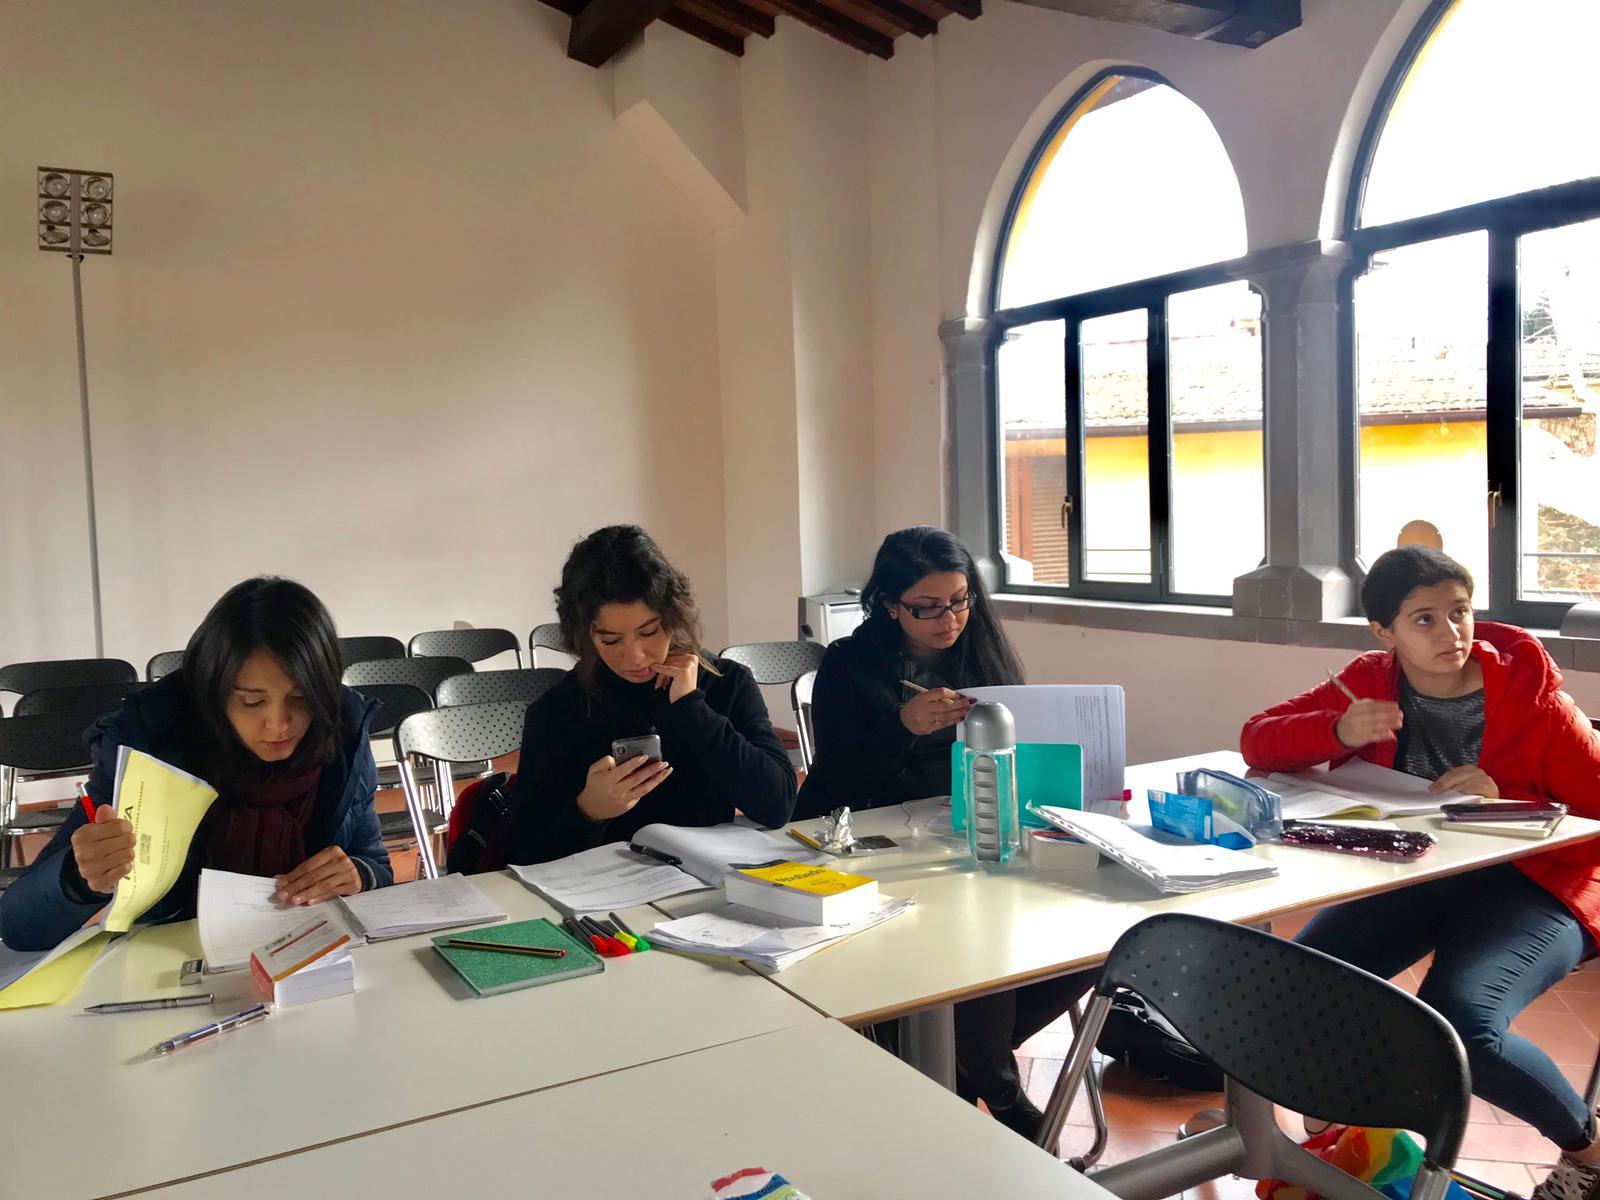 Corso di lingua a Firenze con Parola